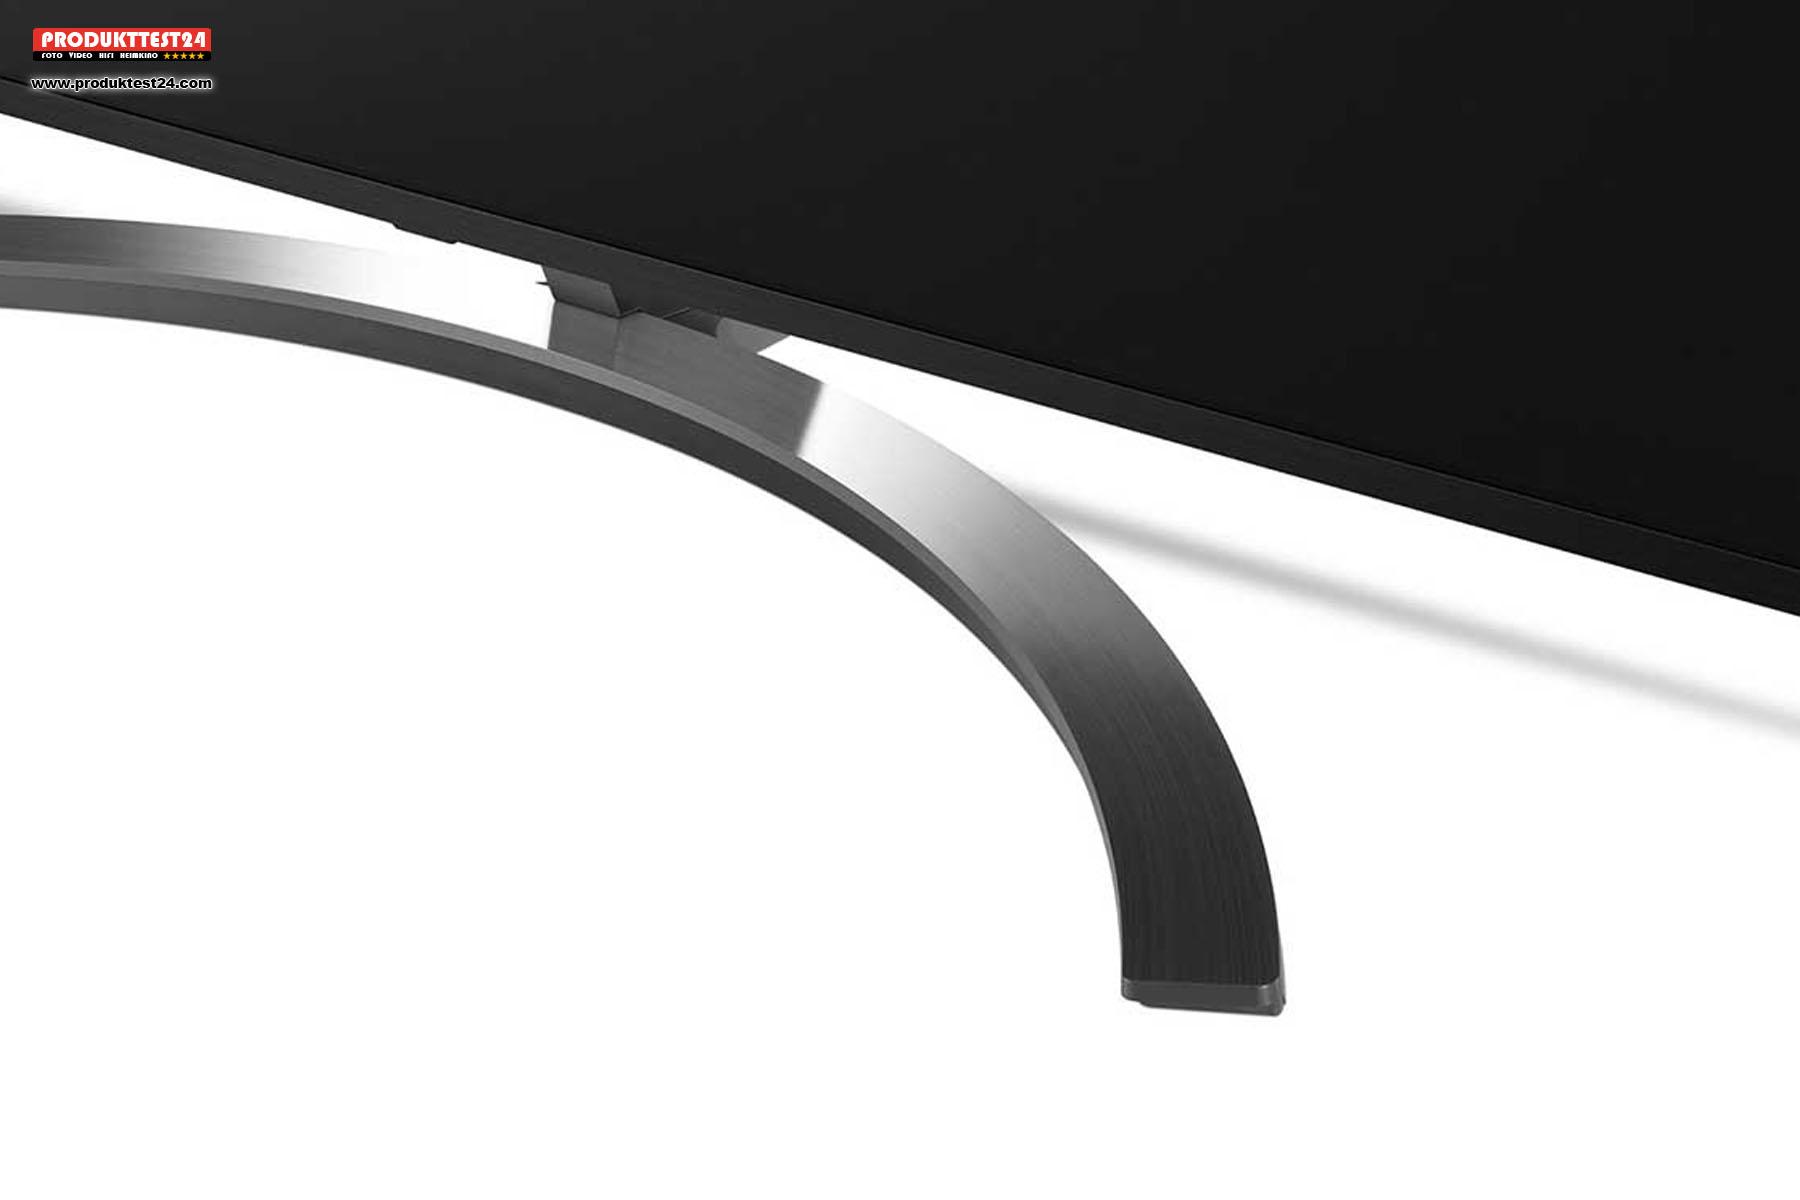 Gelungenes Design. Rahmen und Standfuß in hochwertiger Aluminiumoptik